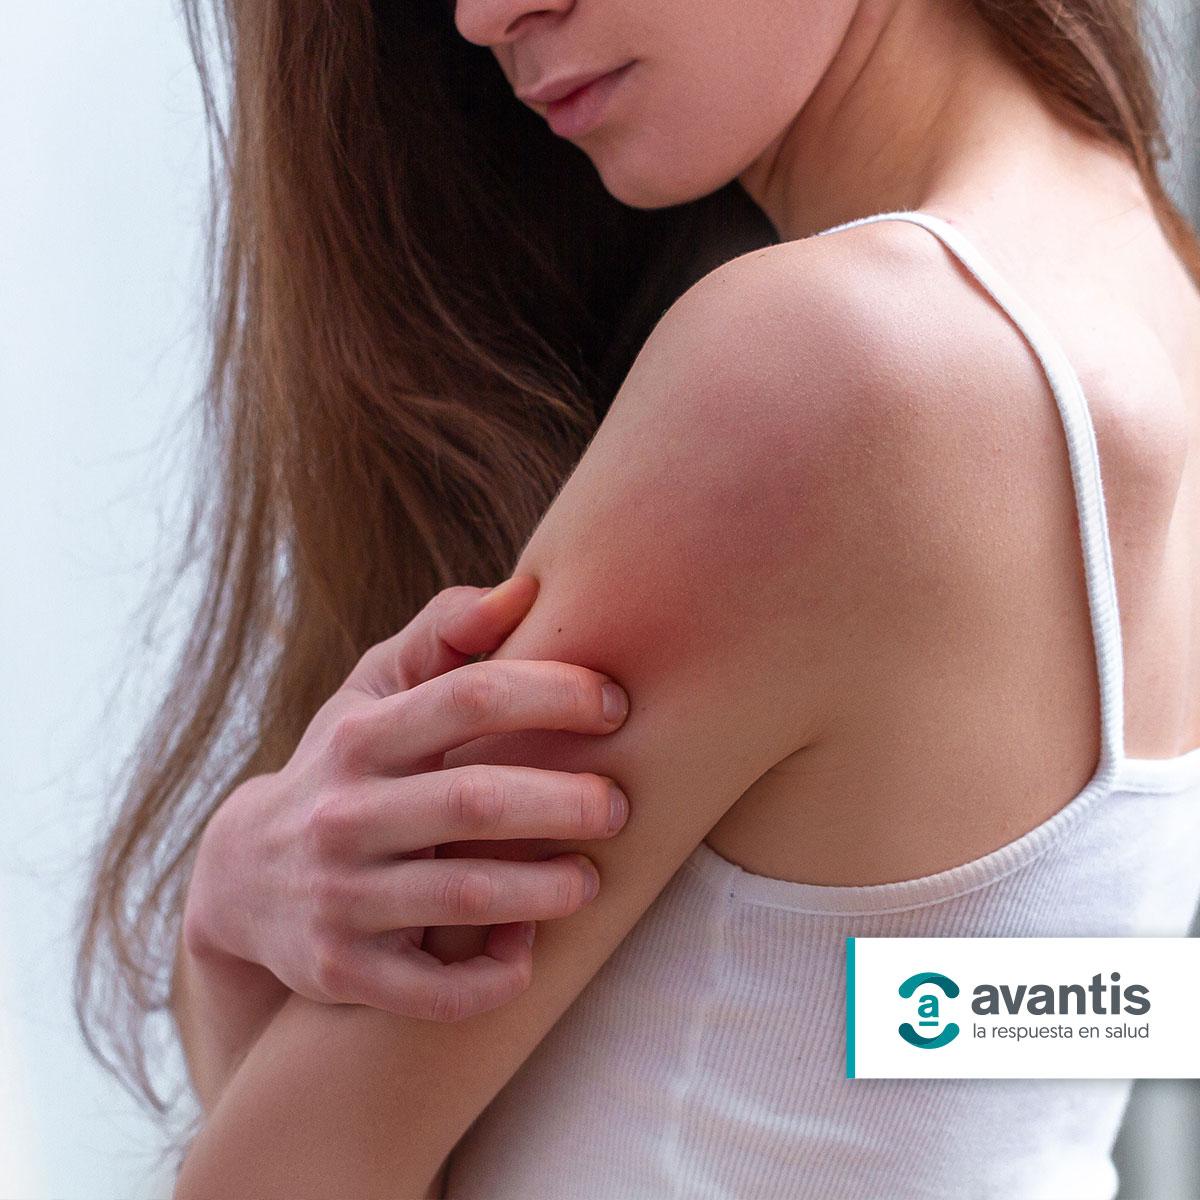 Enfermedades de la piel: Psoriasis inversa